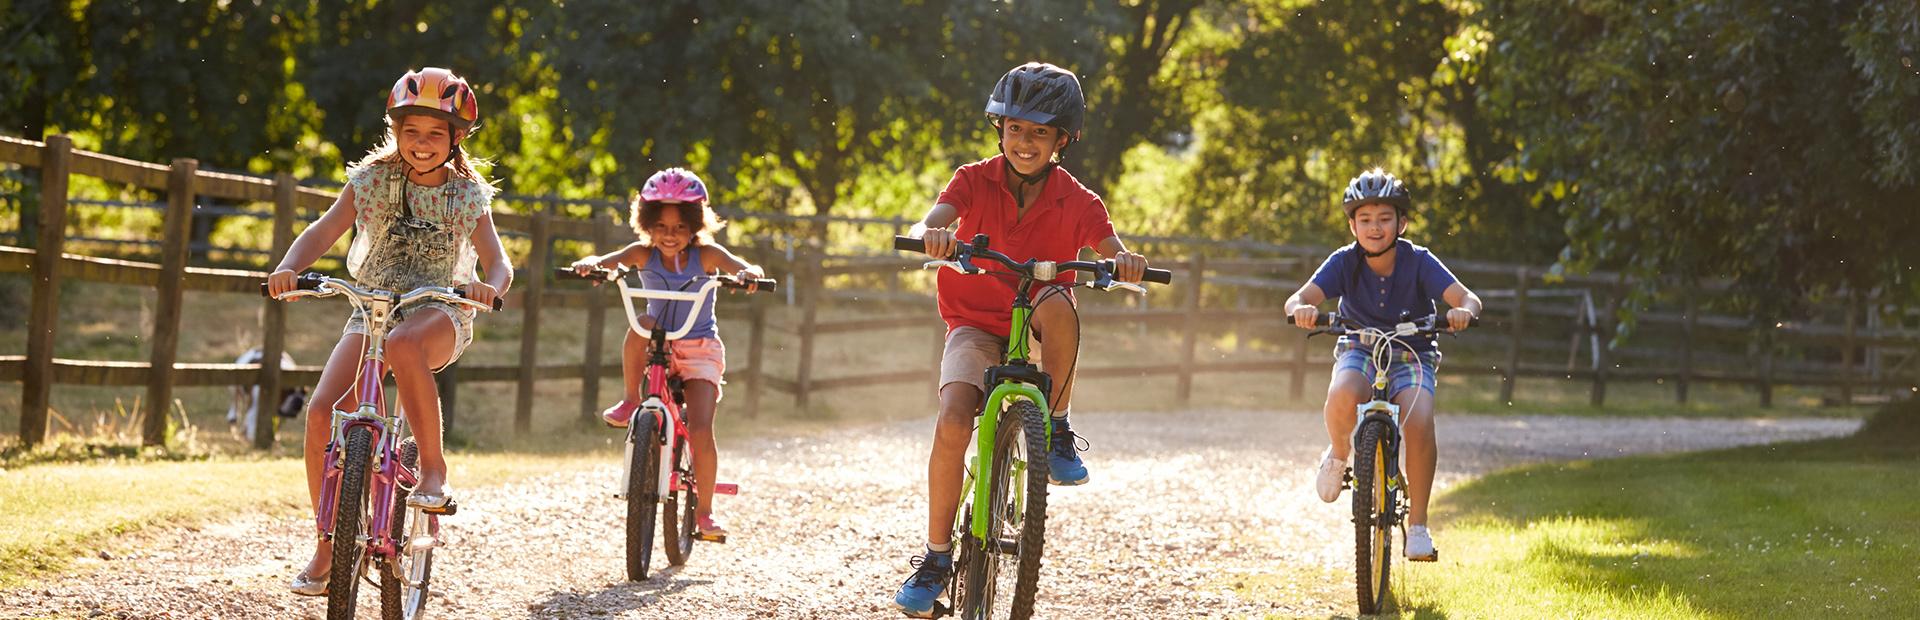 Zdjęcie przedstawia czworo uśmiechniętych dzieci jadących na rowerach żwirową drogą.